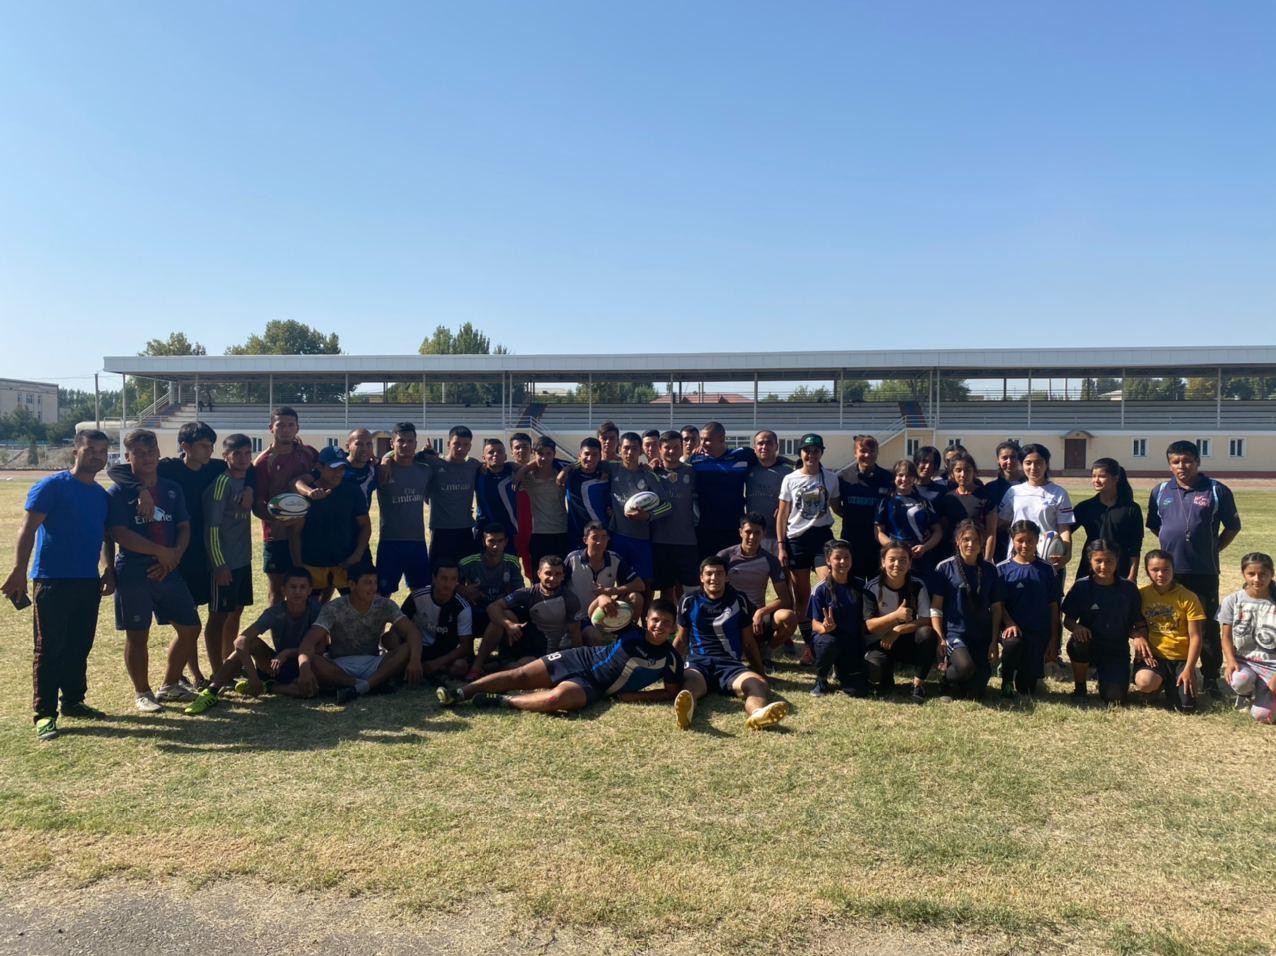 Успешно проведены товарищеские матчи между мужскими и женскими командами